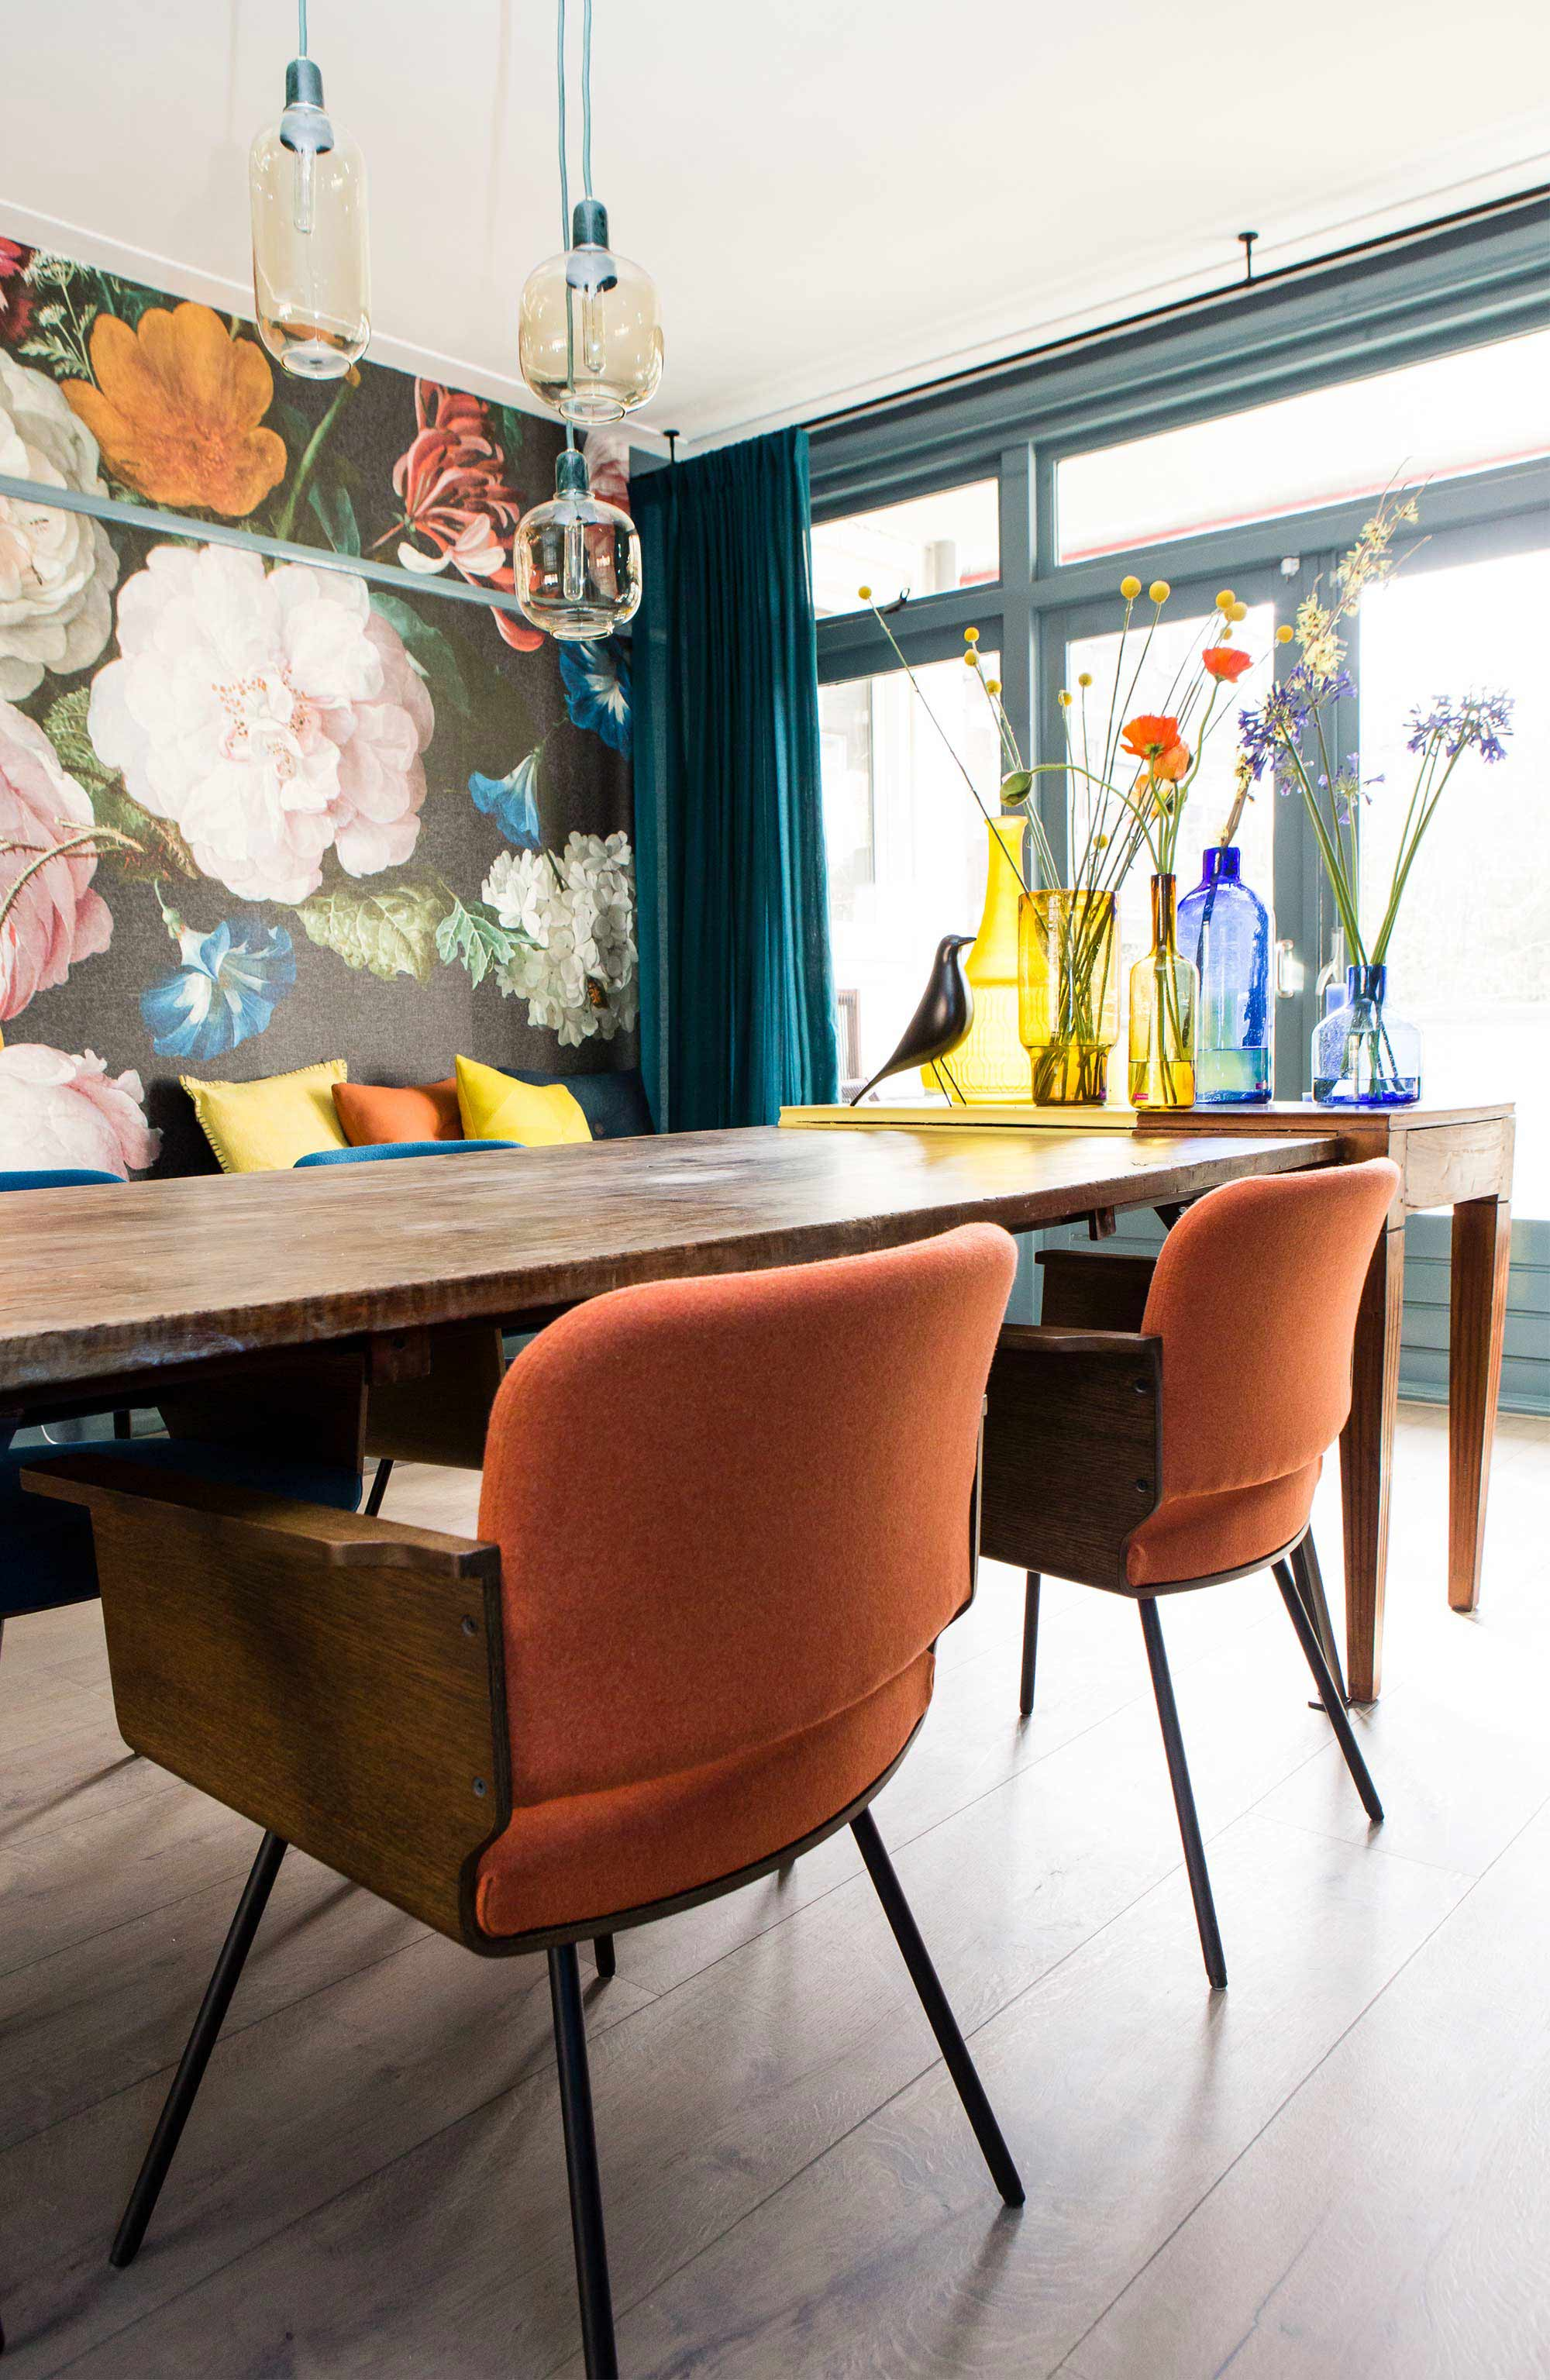 bohemien eethoek flamboyant voorjaarshuis